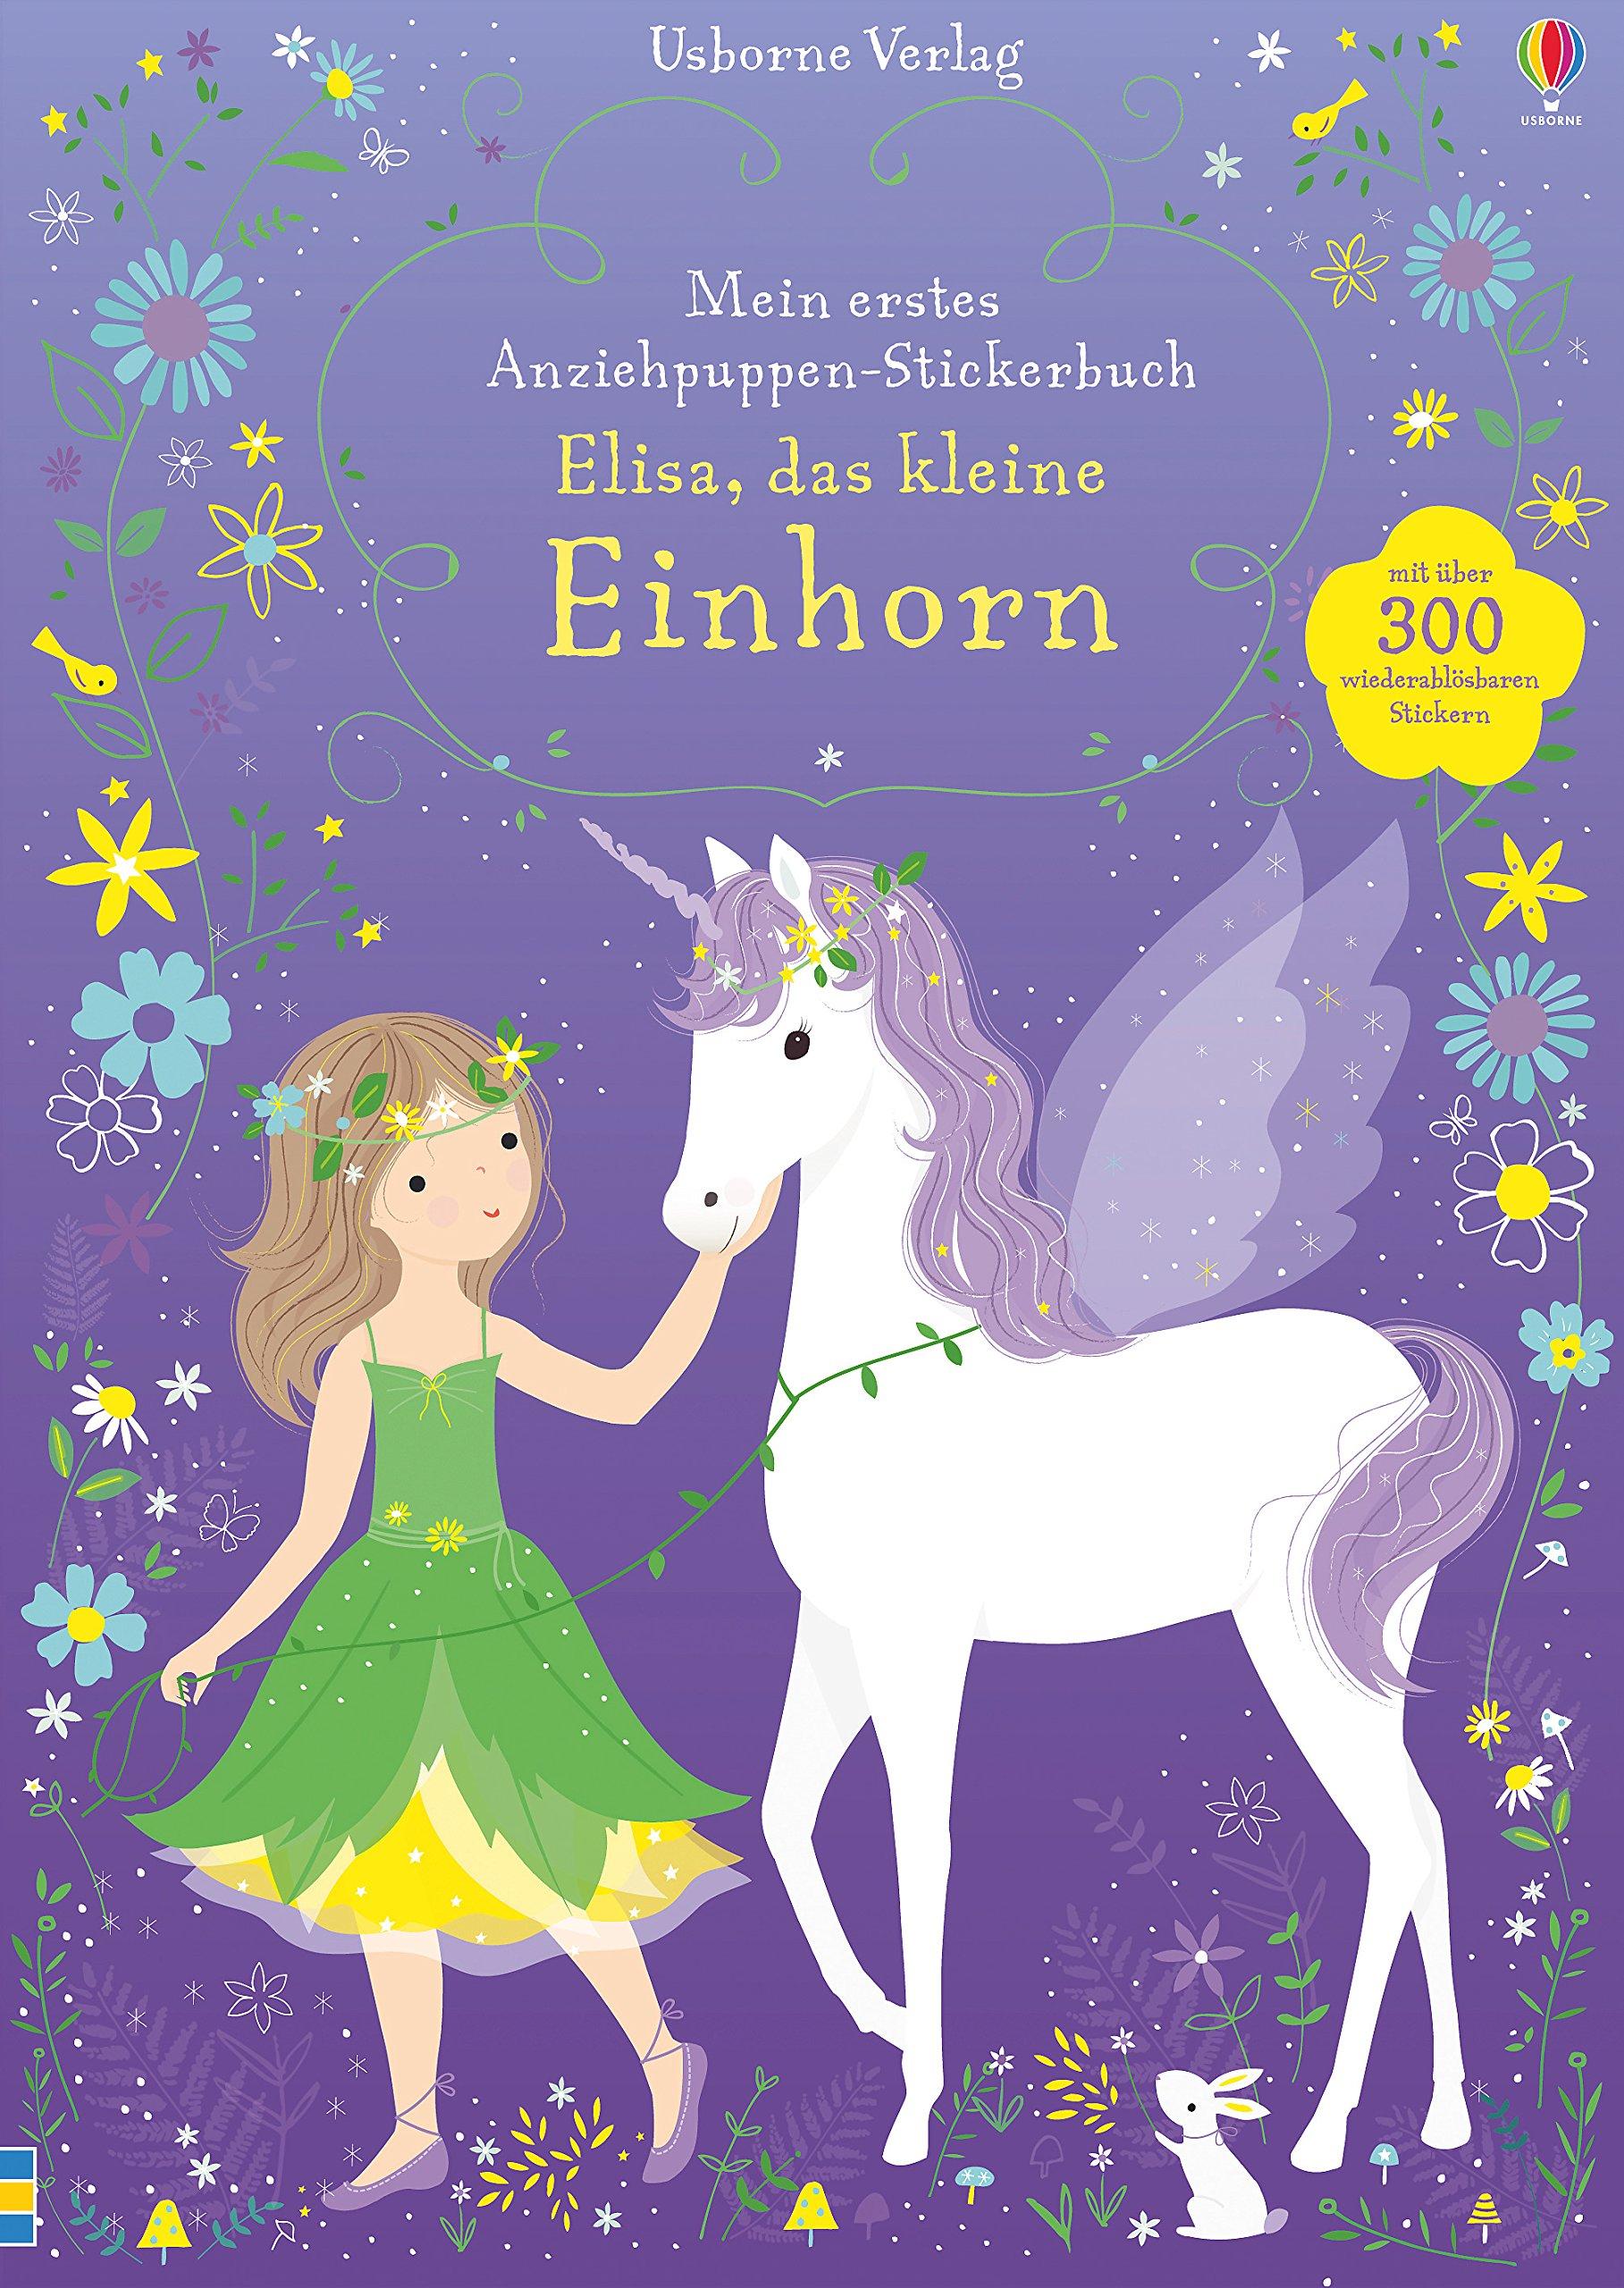 Mein erstes Anziehpuppen-Stickerbuch: Elisa, das kleine Einhorn Taschenbuch – 21. September 2018 Fiona Watt Lizzie Mackay Usborne Publishing 1782329021